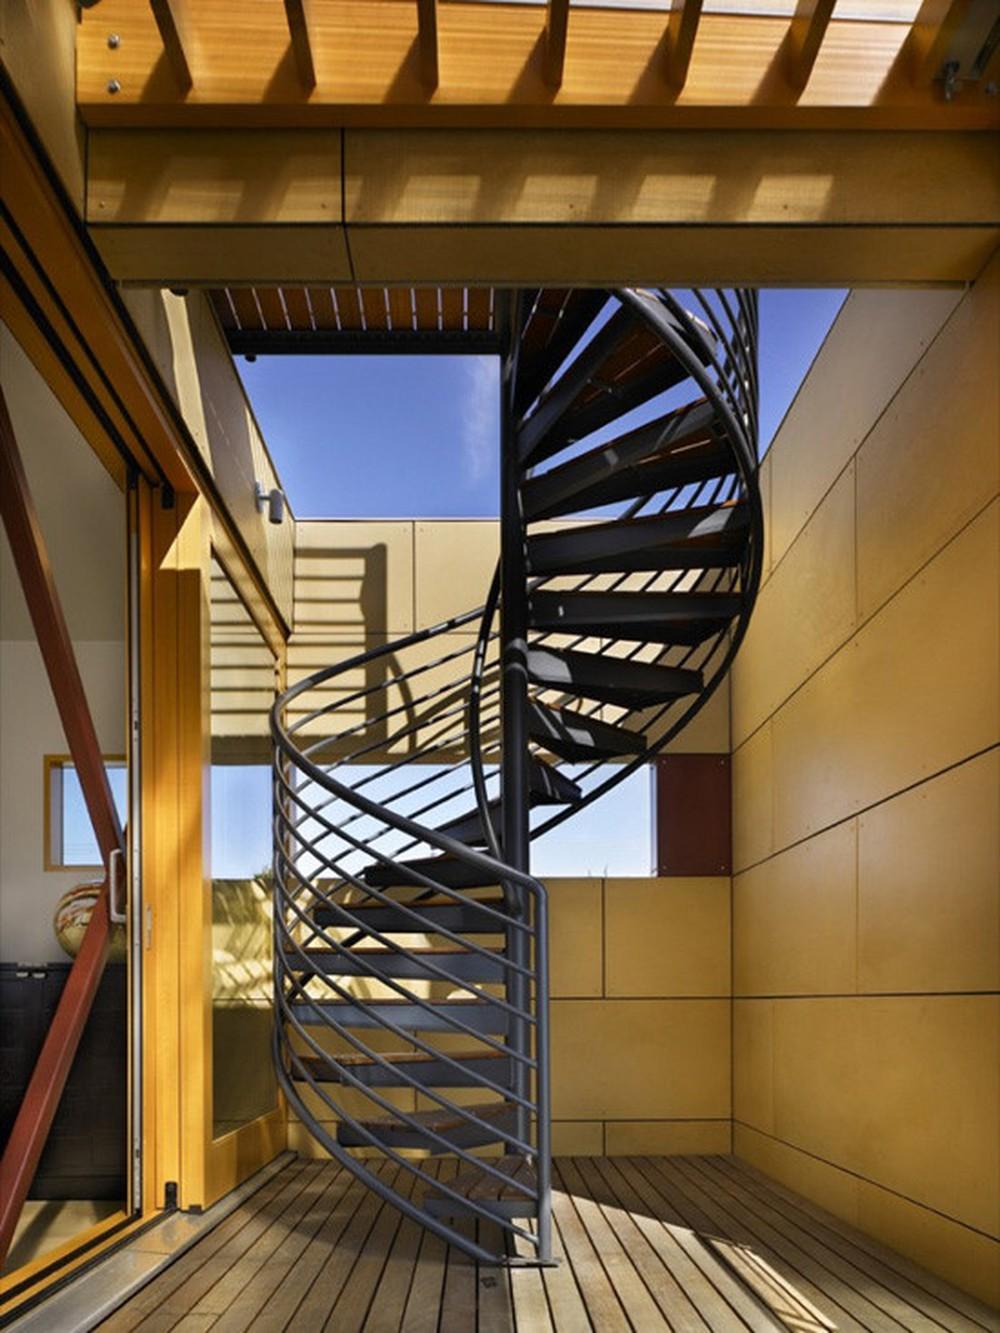 Đường kính của khoang cầu thang xoắn bằng sắt phải đạt từ 1,5m - 2m